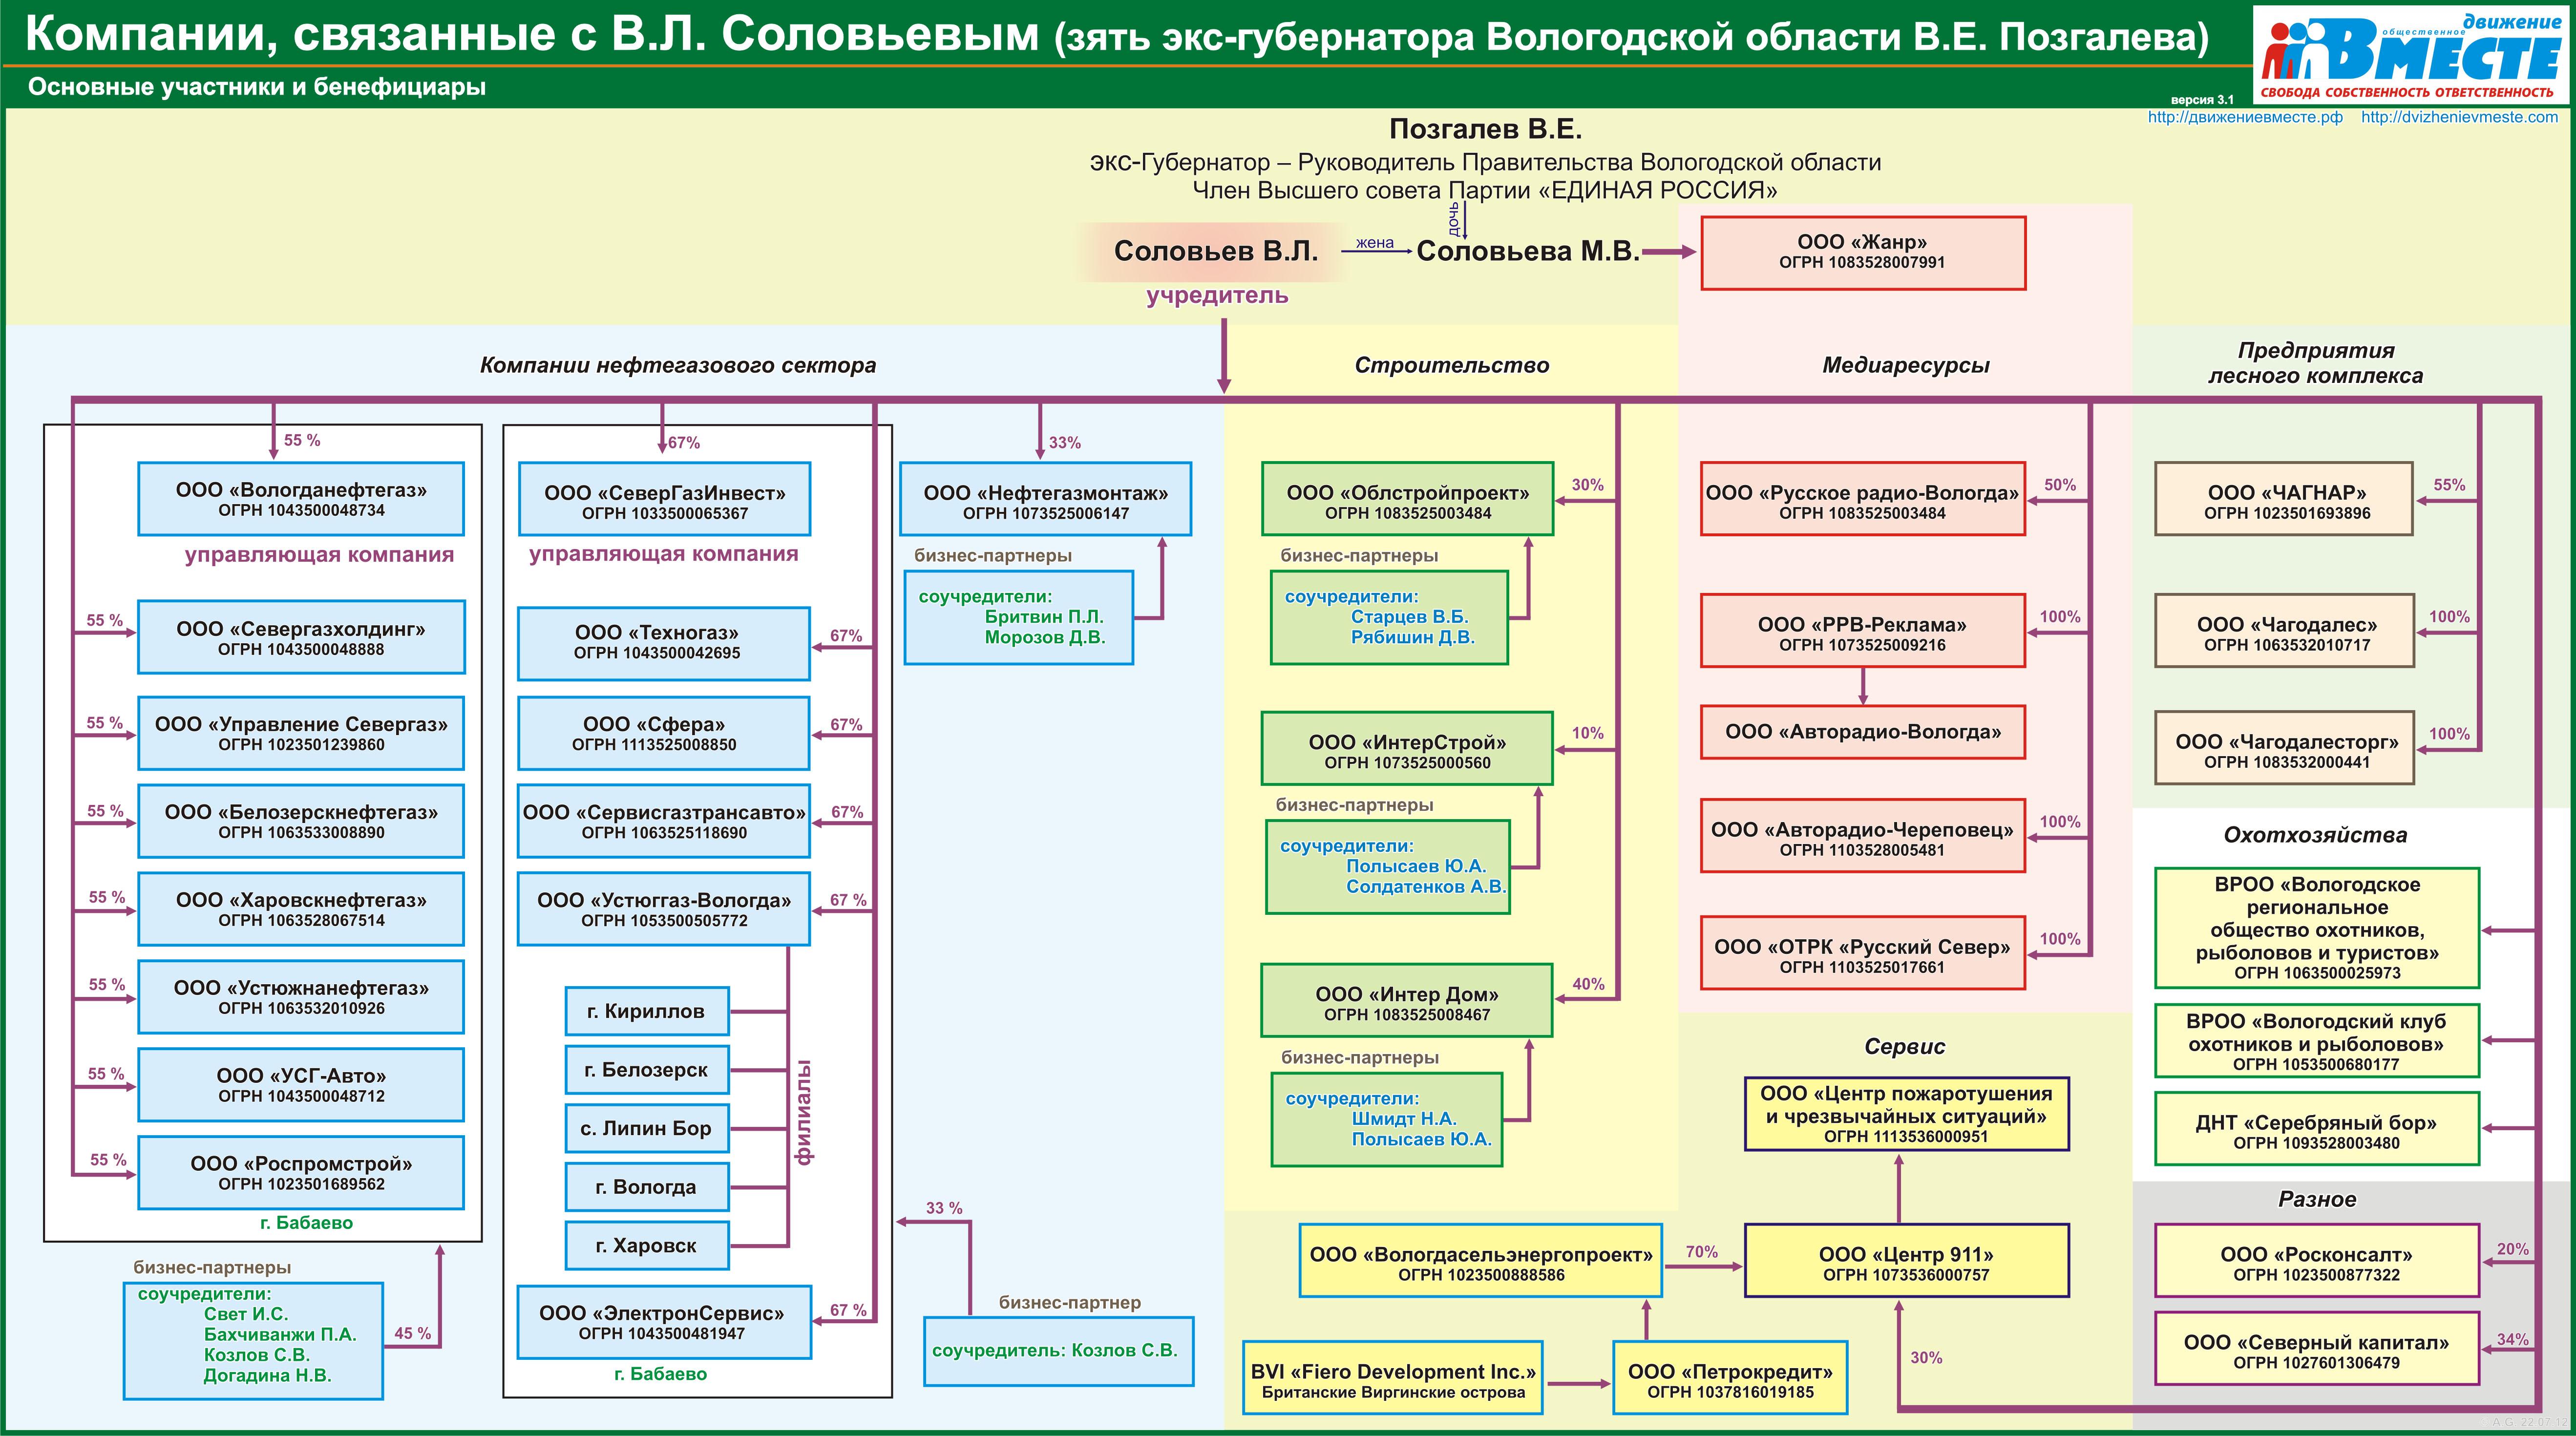 Коррупционные схемы на госзакупках